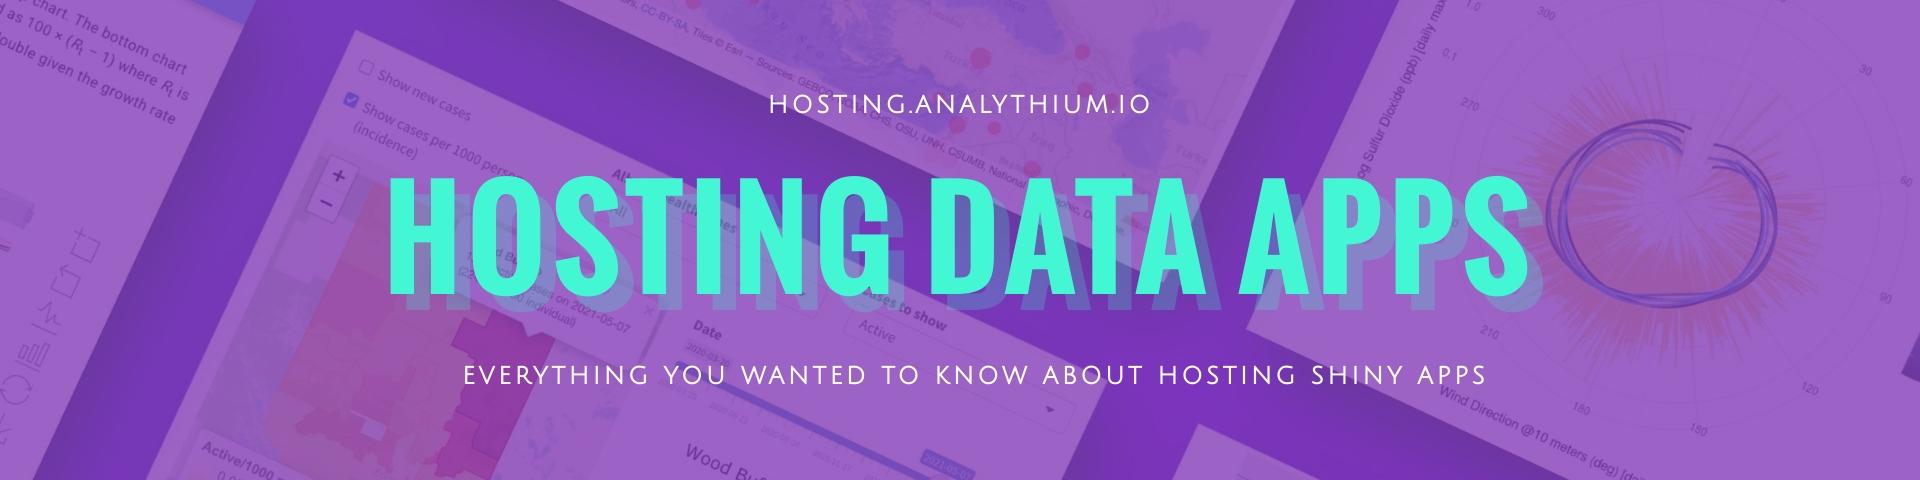 Hosting Data Apps